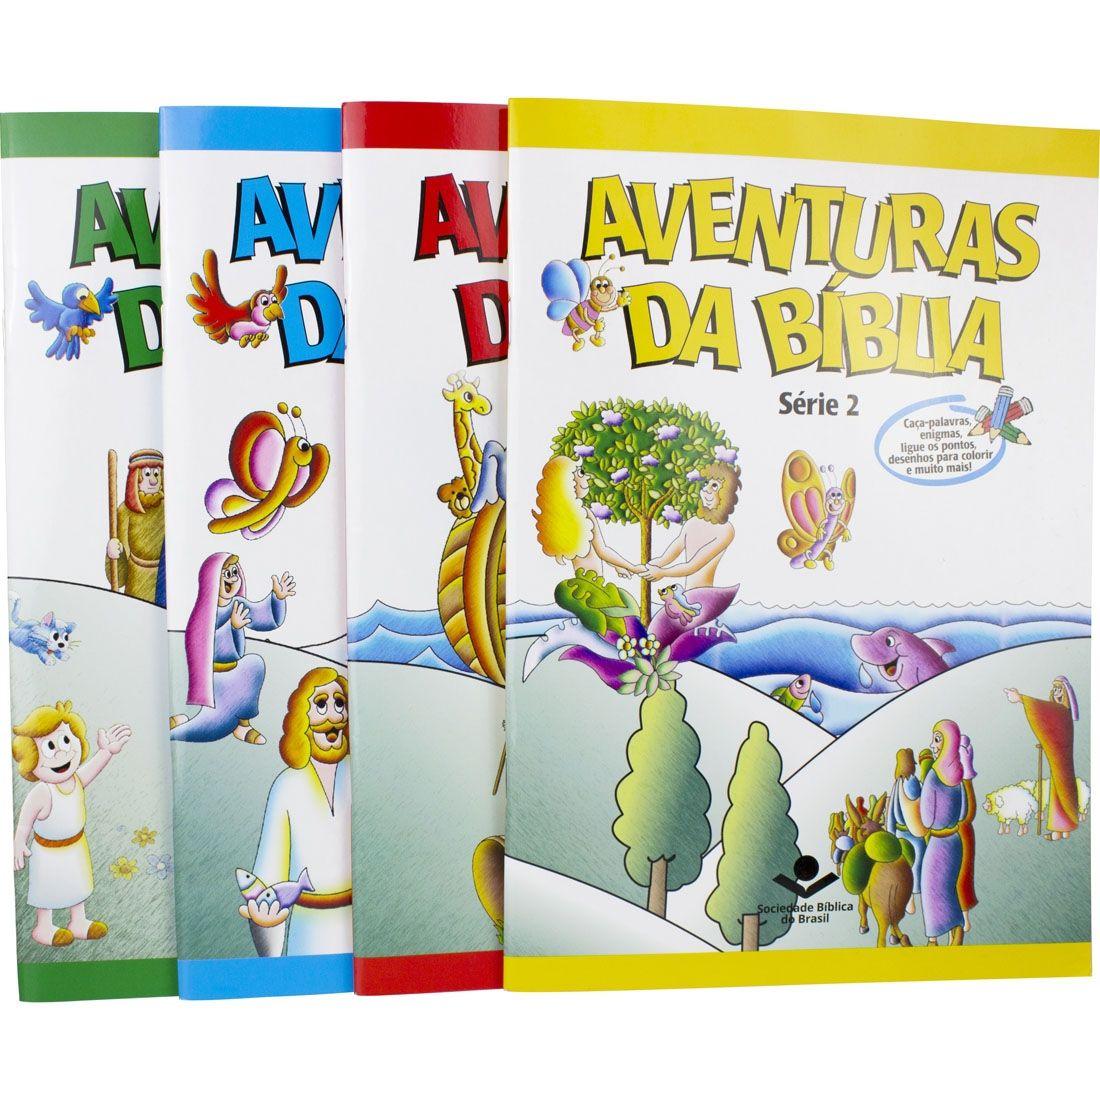 Série 4 - Aventuras da Bíblia  - Universo Bíblico Rs